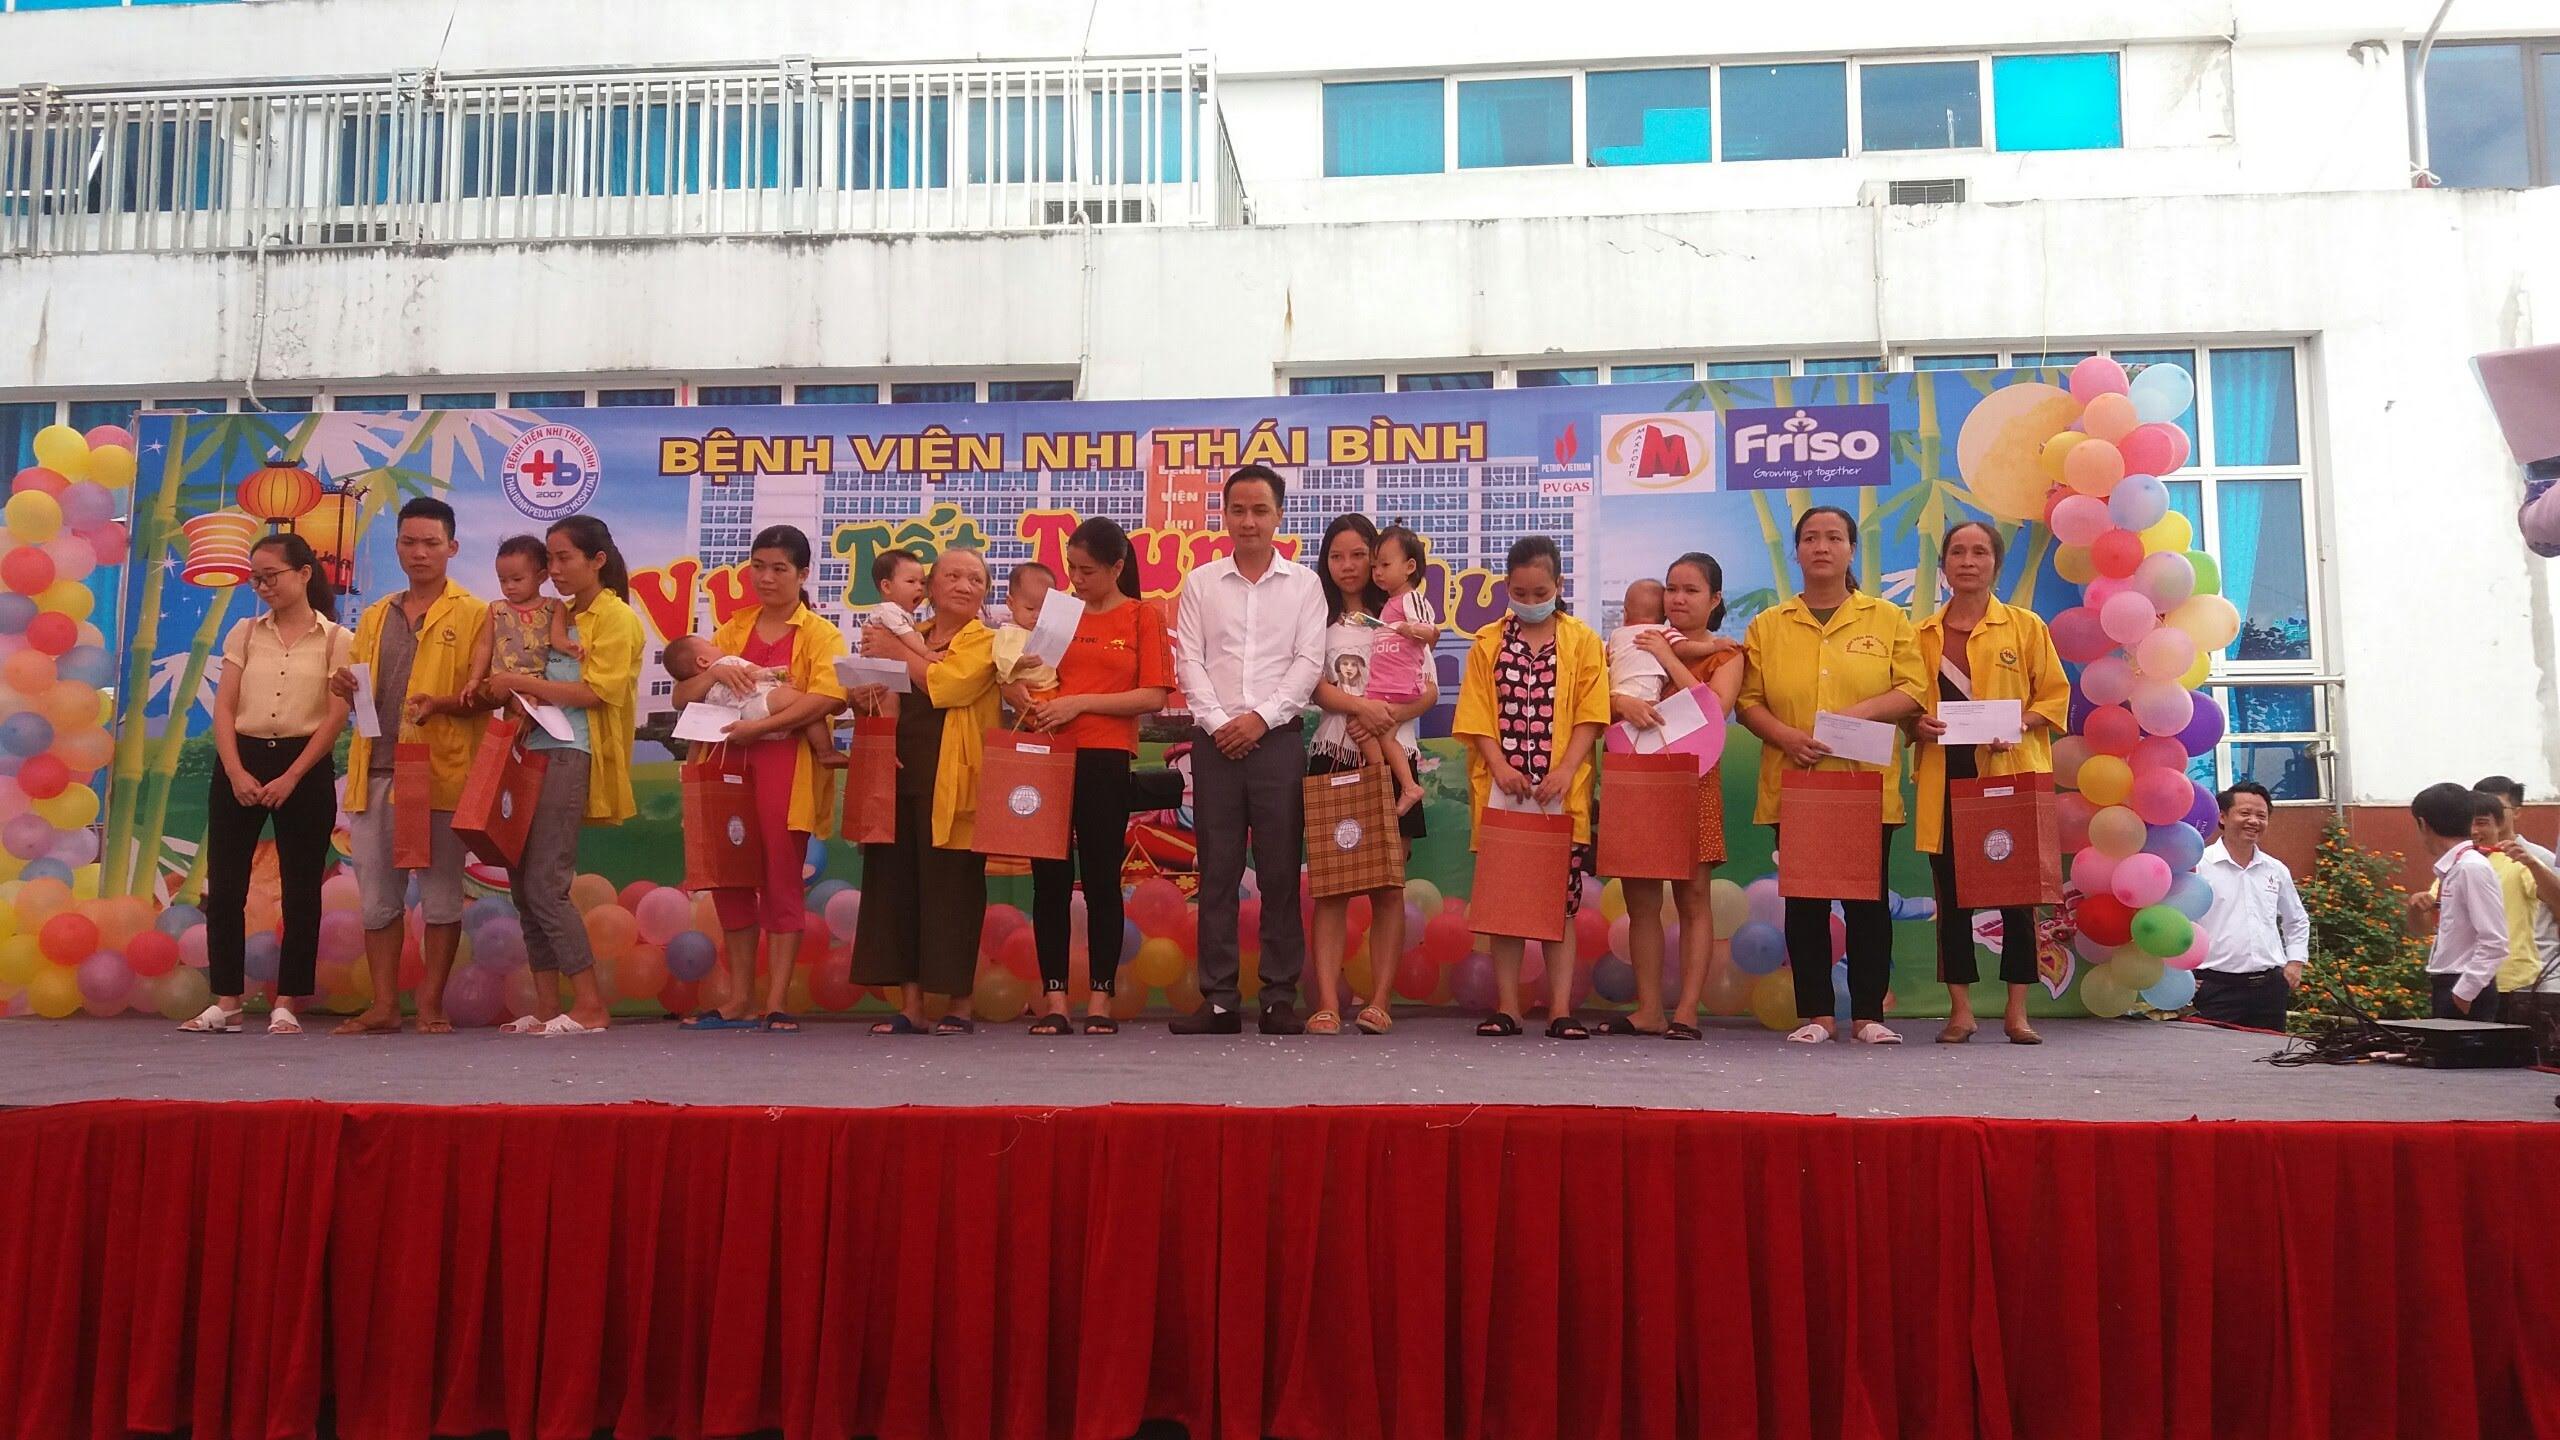 Công ty Bông Thái Bình vui đón tết trung thu đầm ấm với các cháu thiếu niên nhi đồng tại Bệnh viện Nhi Thái Bình